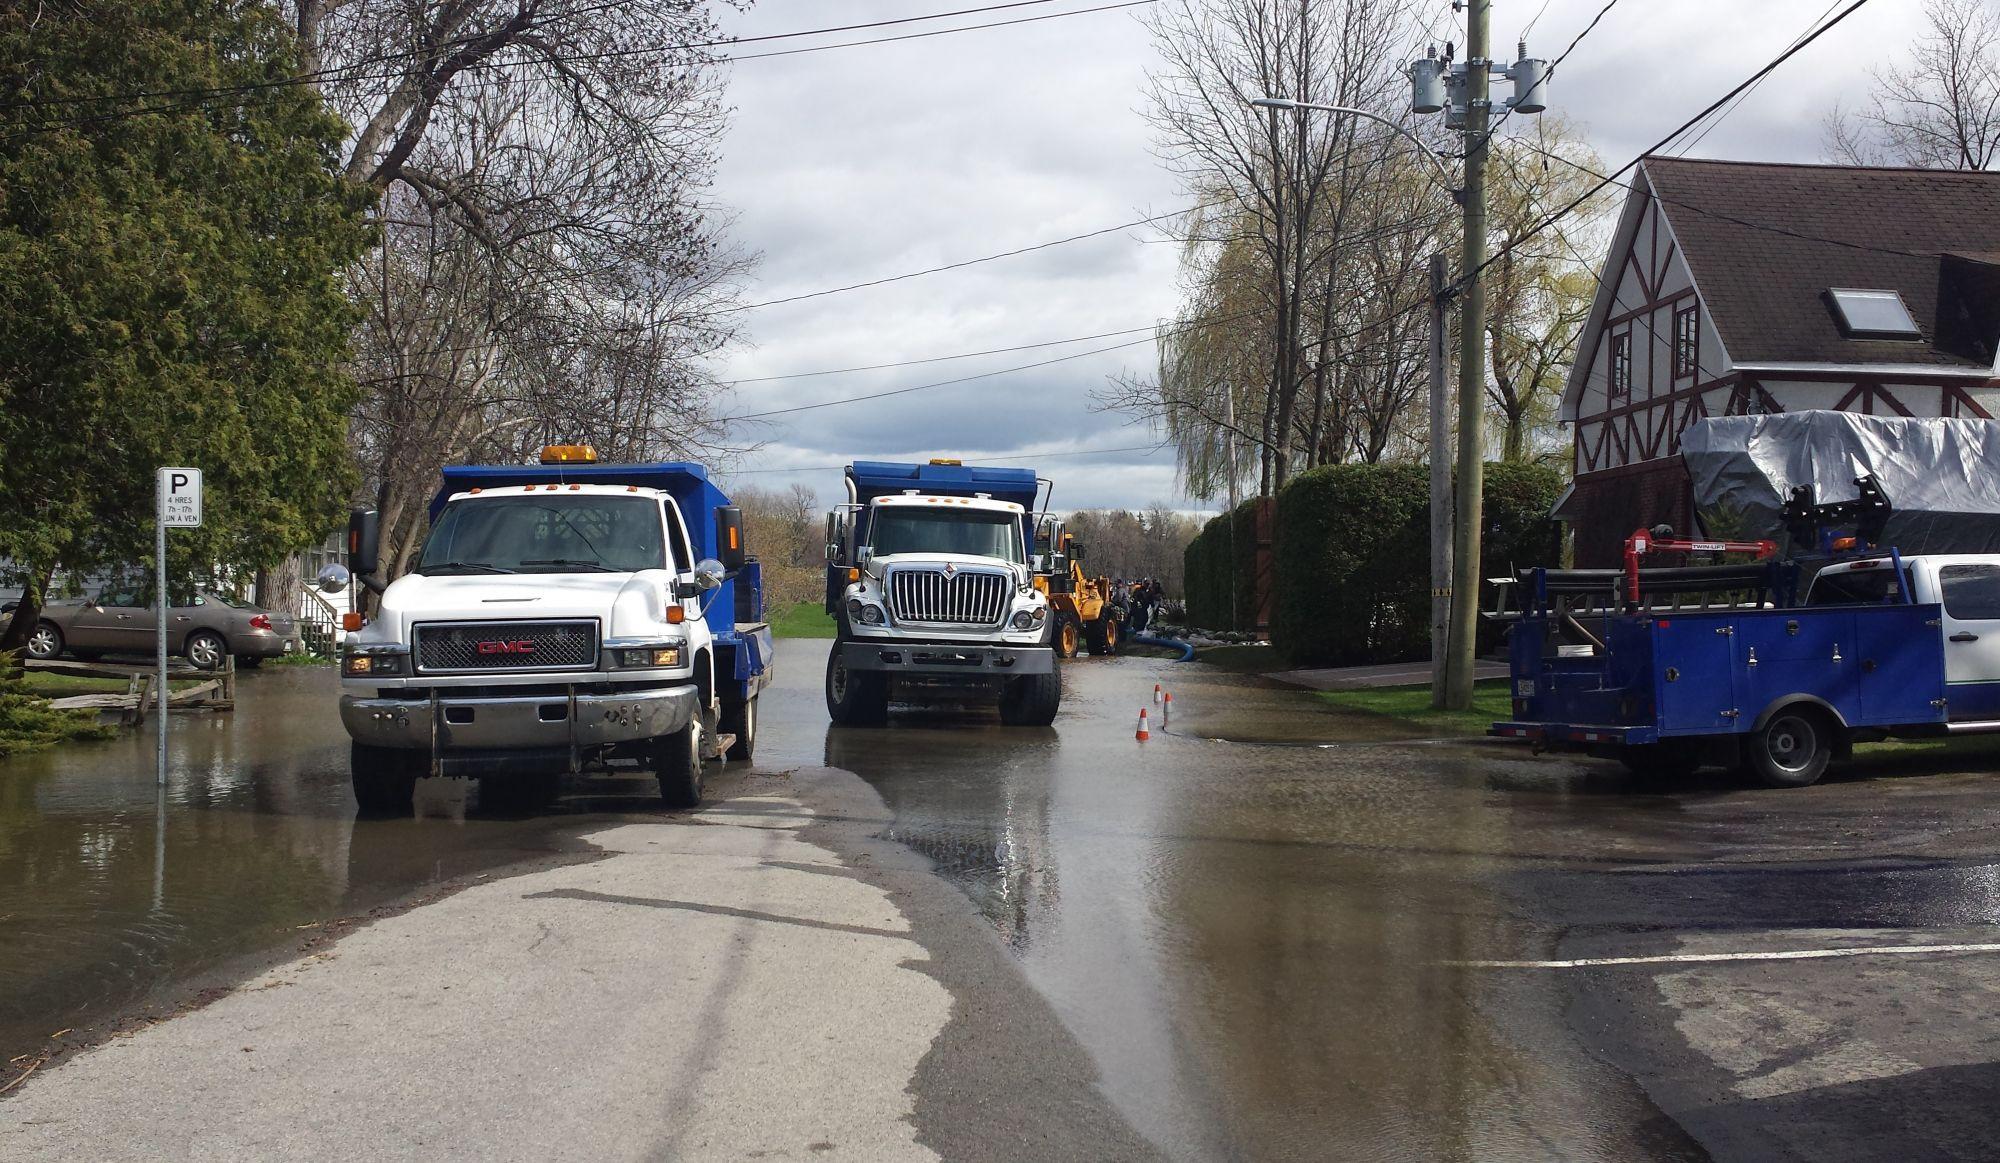 Inondations printemps 2017: Deux-Montagnes attend depuis l'été pour un OK sur une solution permanente